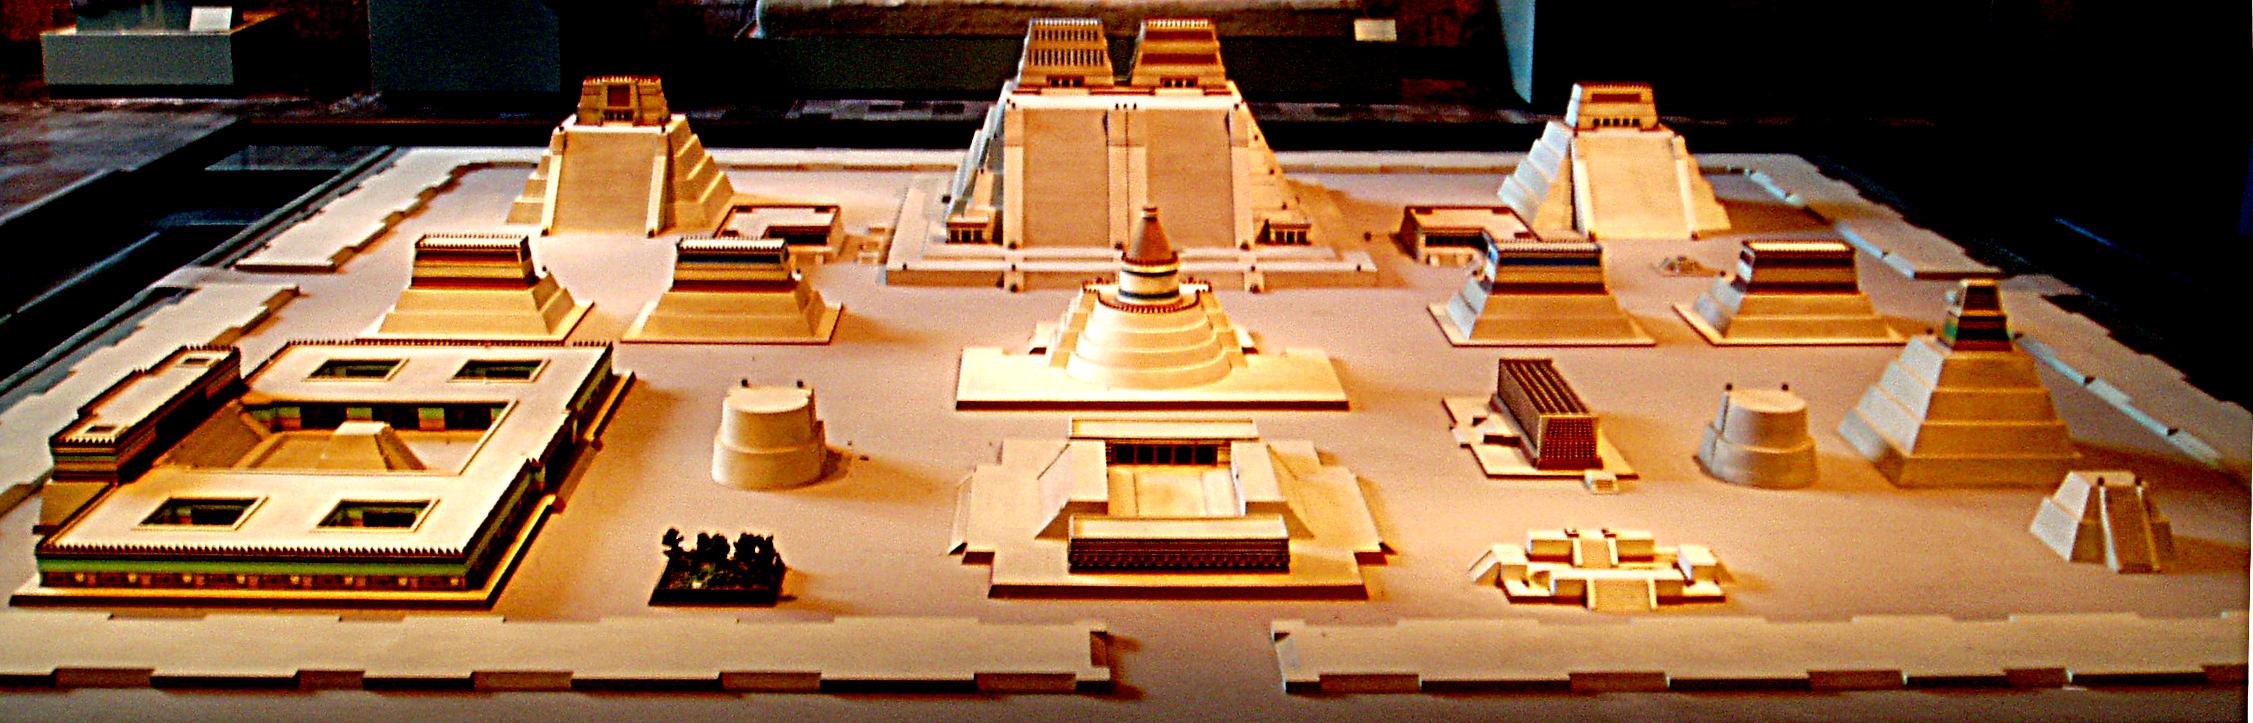 Guerreros que realmente existieron  en la Civilización Azteca Model_of_Tenochtitlan